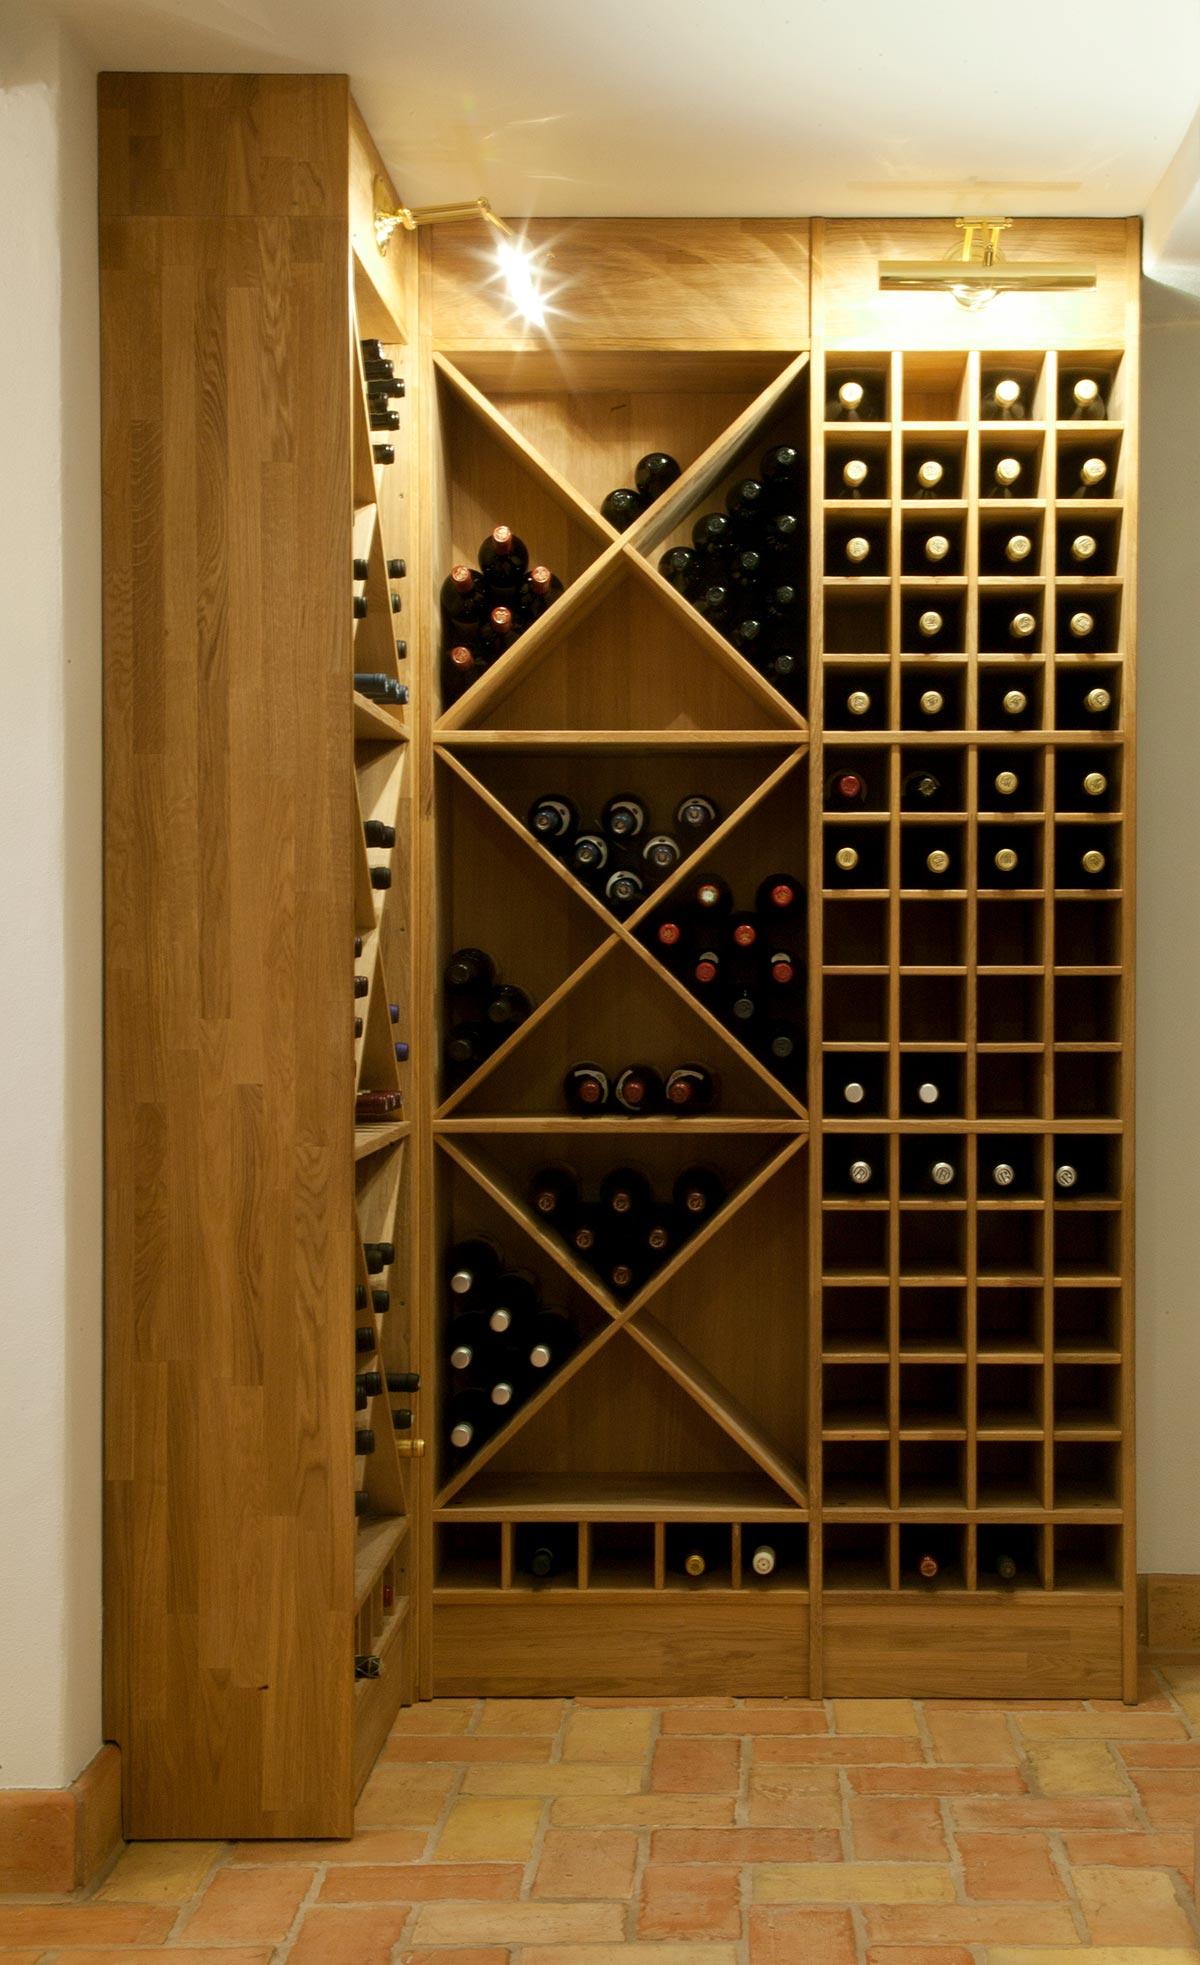 Vinkaelder Eksklusive Vinreoler